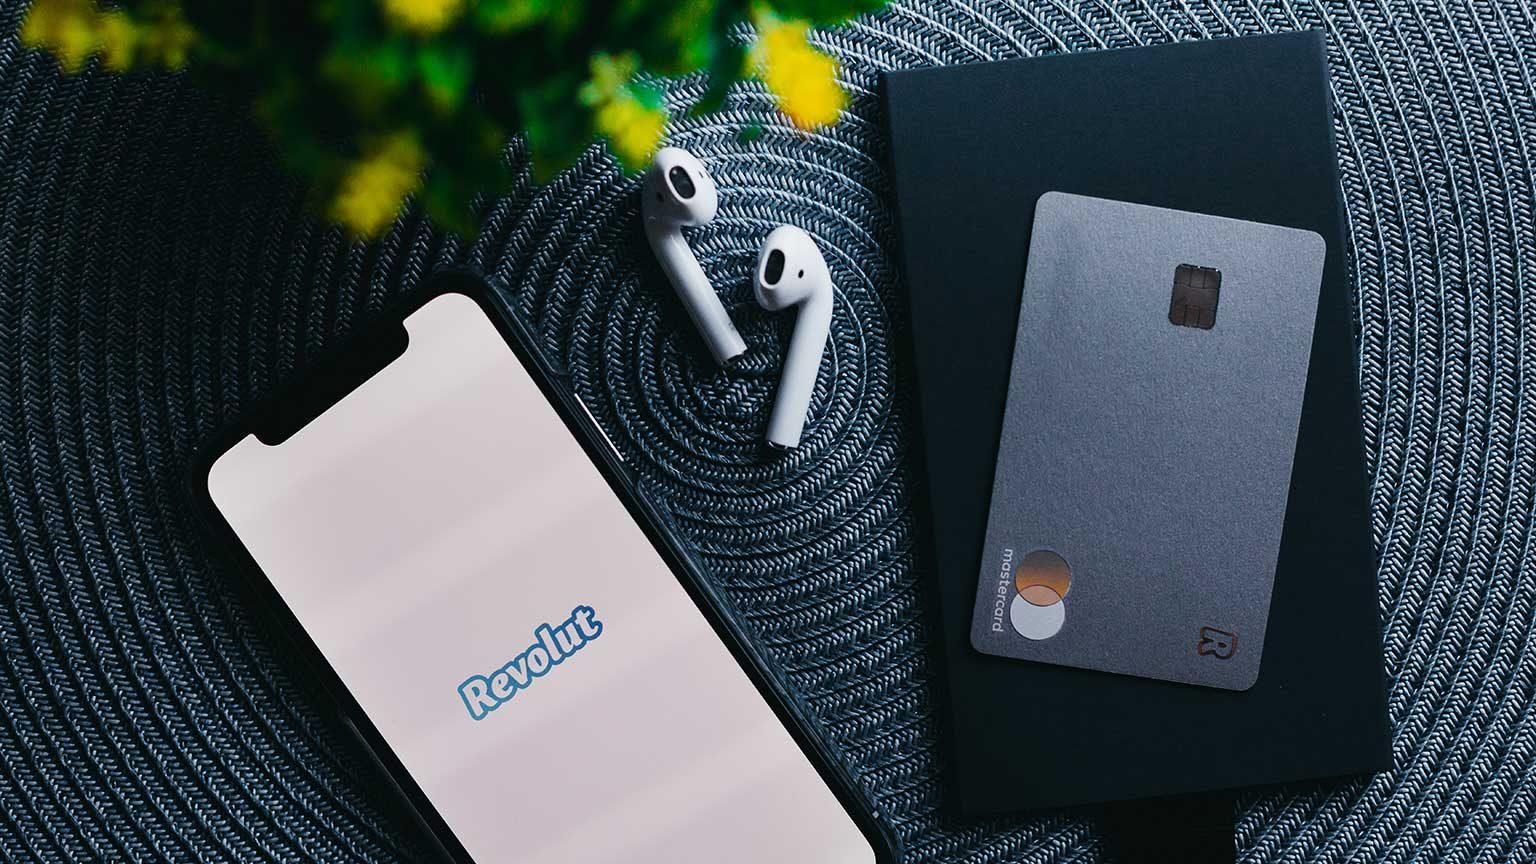 Revolut app and metal card